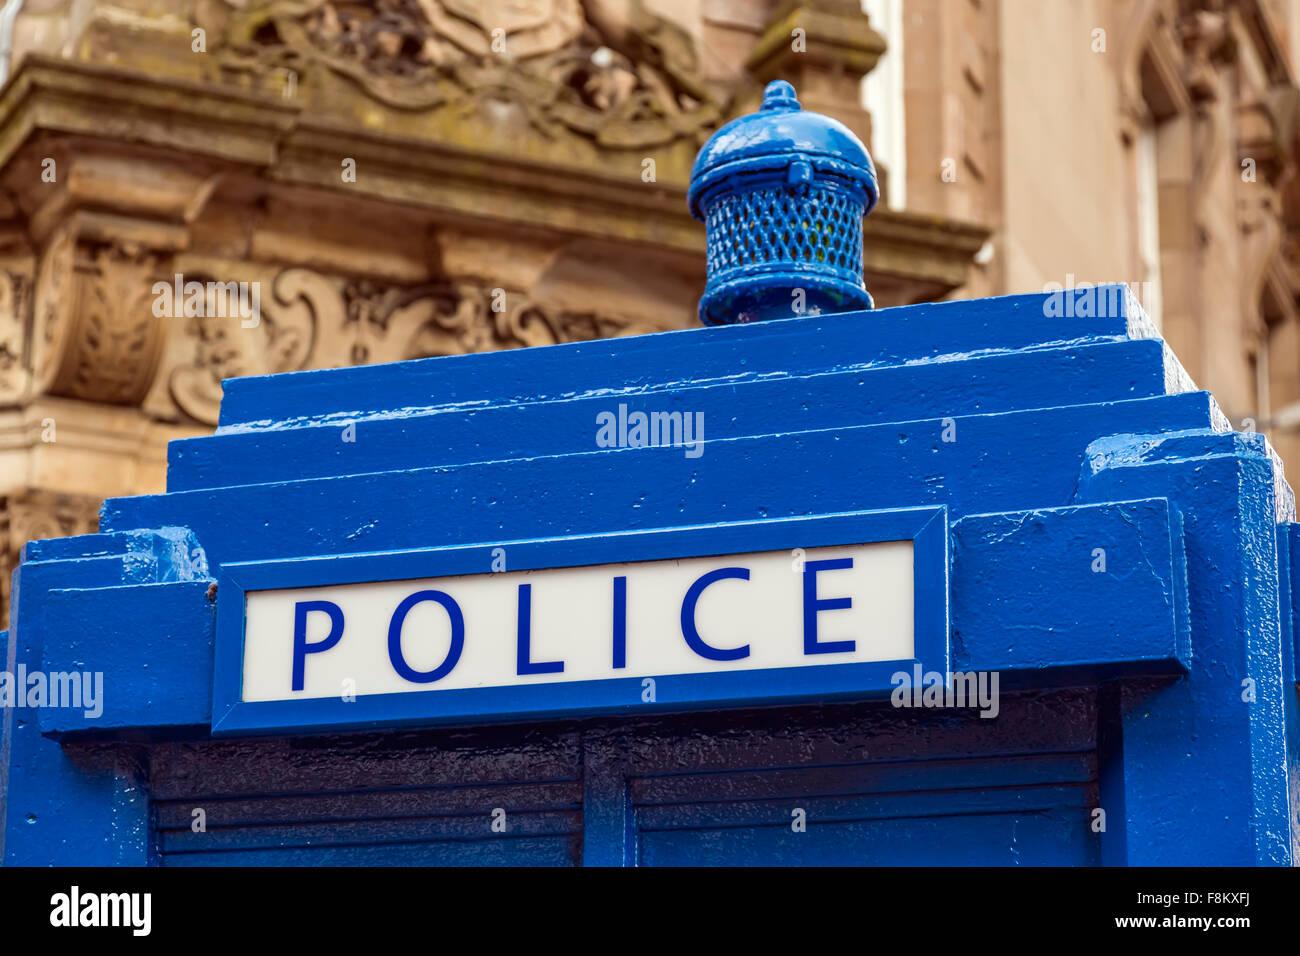 Boîte téléphonique de police peinte en bleu à Glasgow, en Écosse, au Royaume-Uni Banque D'Images